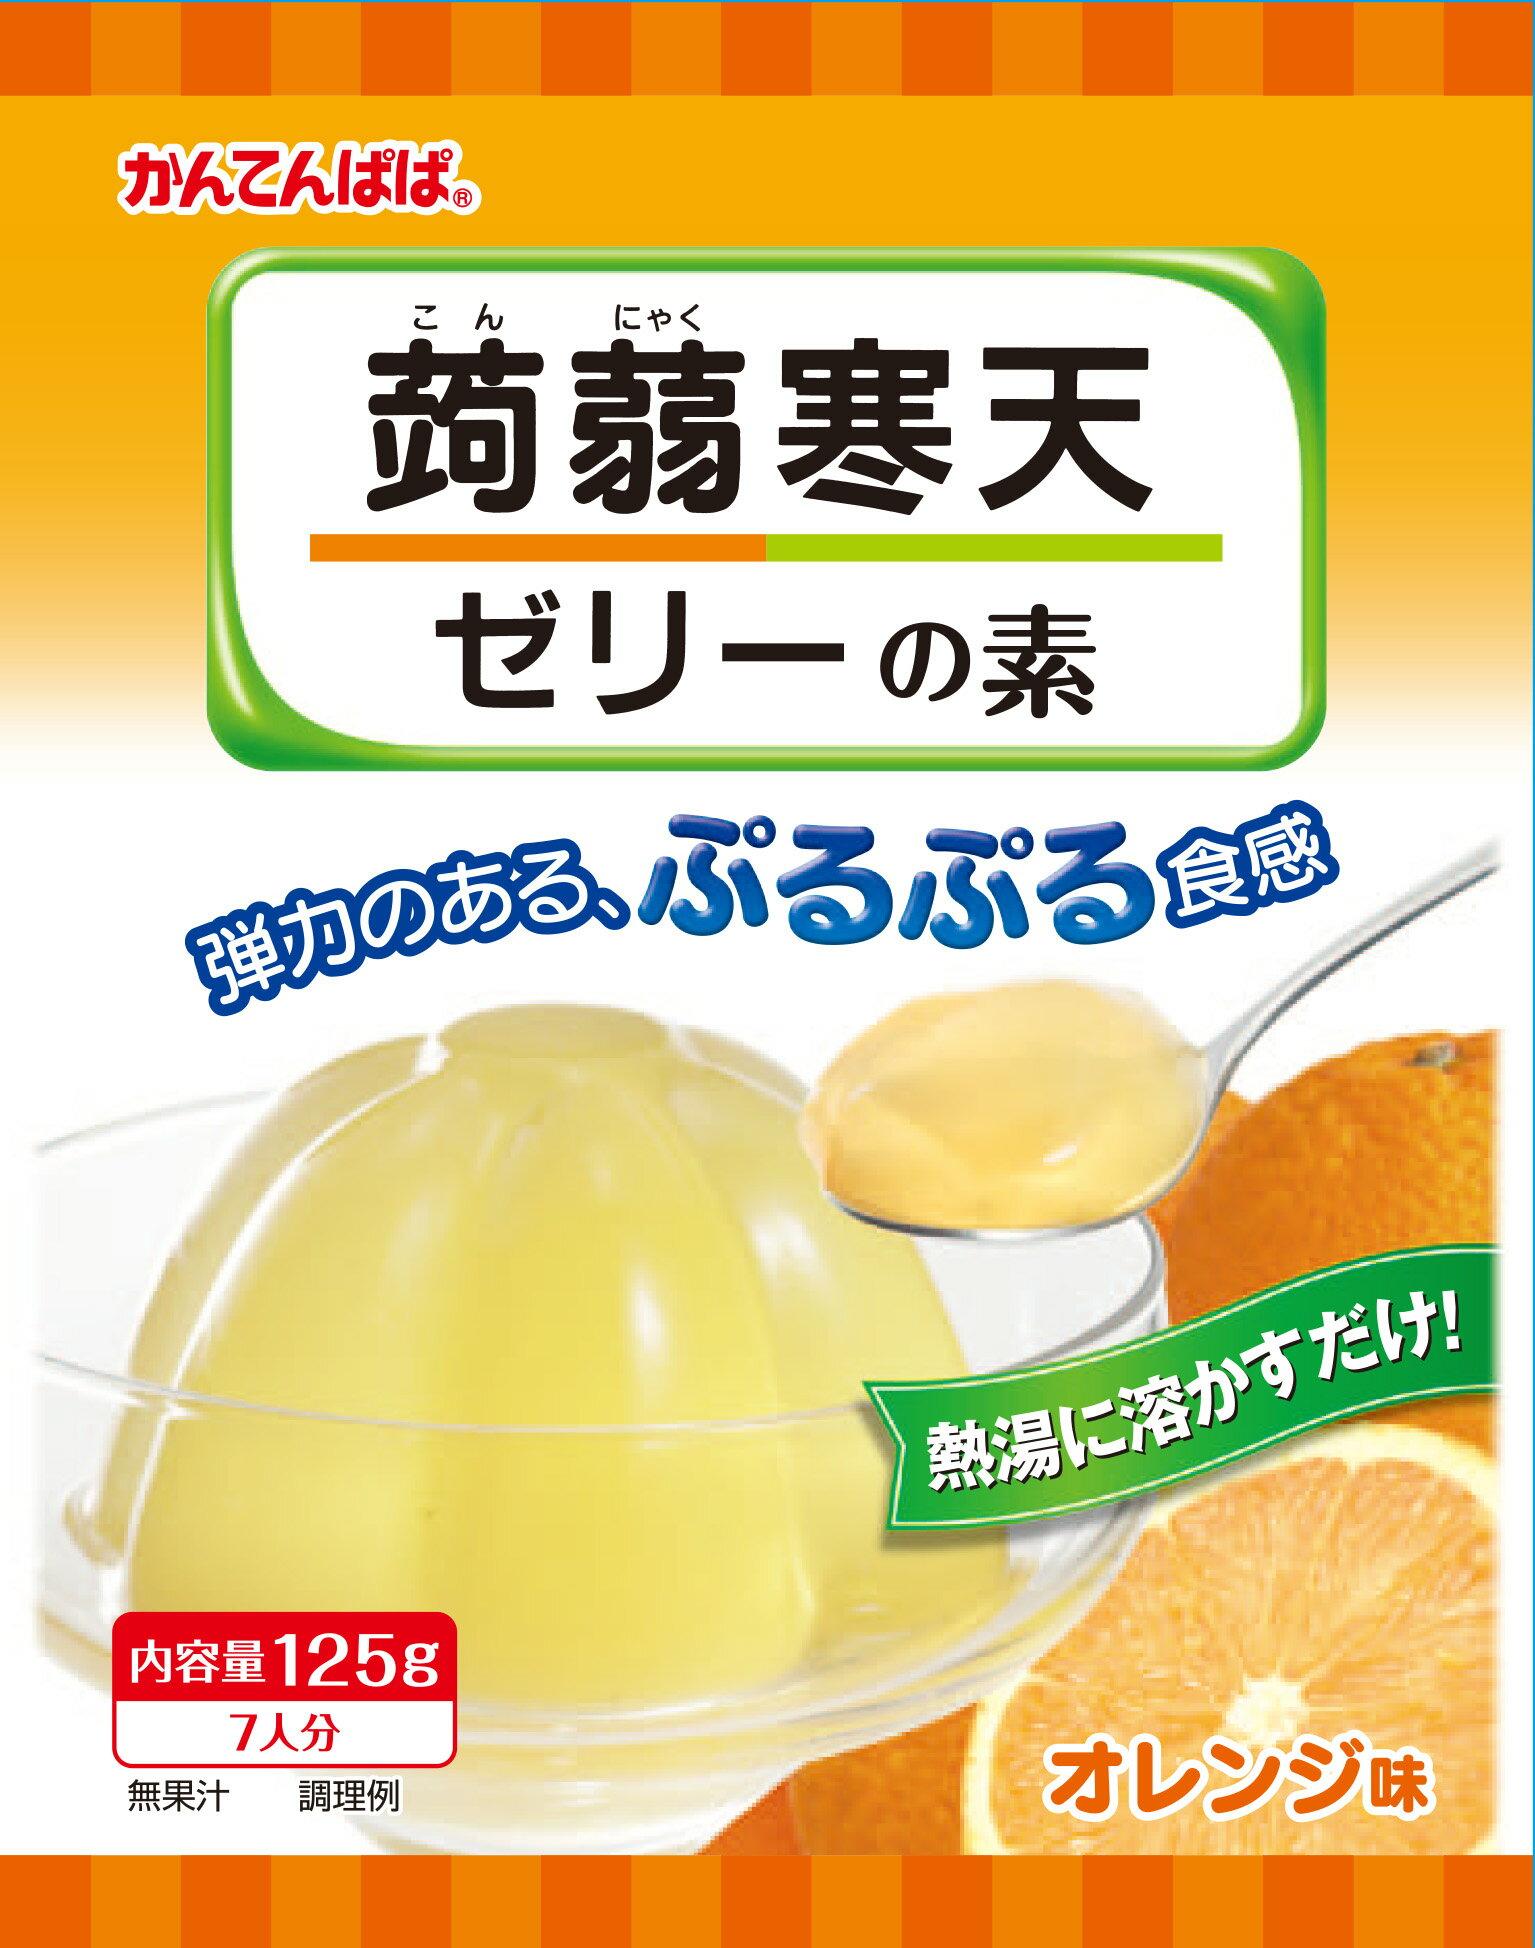 蒟蒻寒天ゼリーの素オレンジ味125gゼリー寒天お手軽簡単手作りデザート蒟蒻かんてんぱぱスイーツうちカ